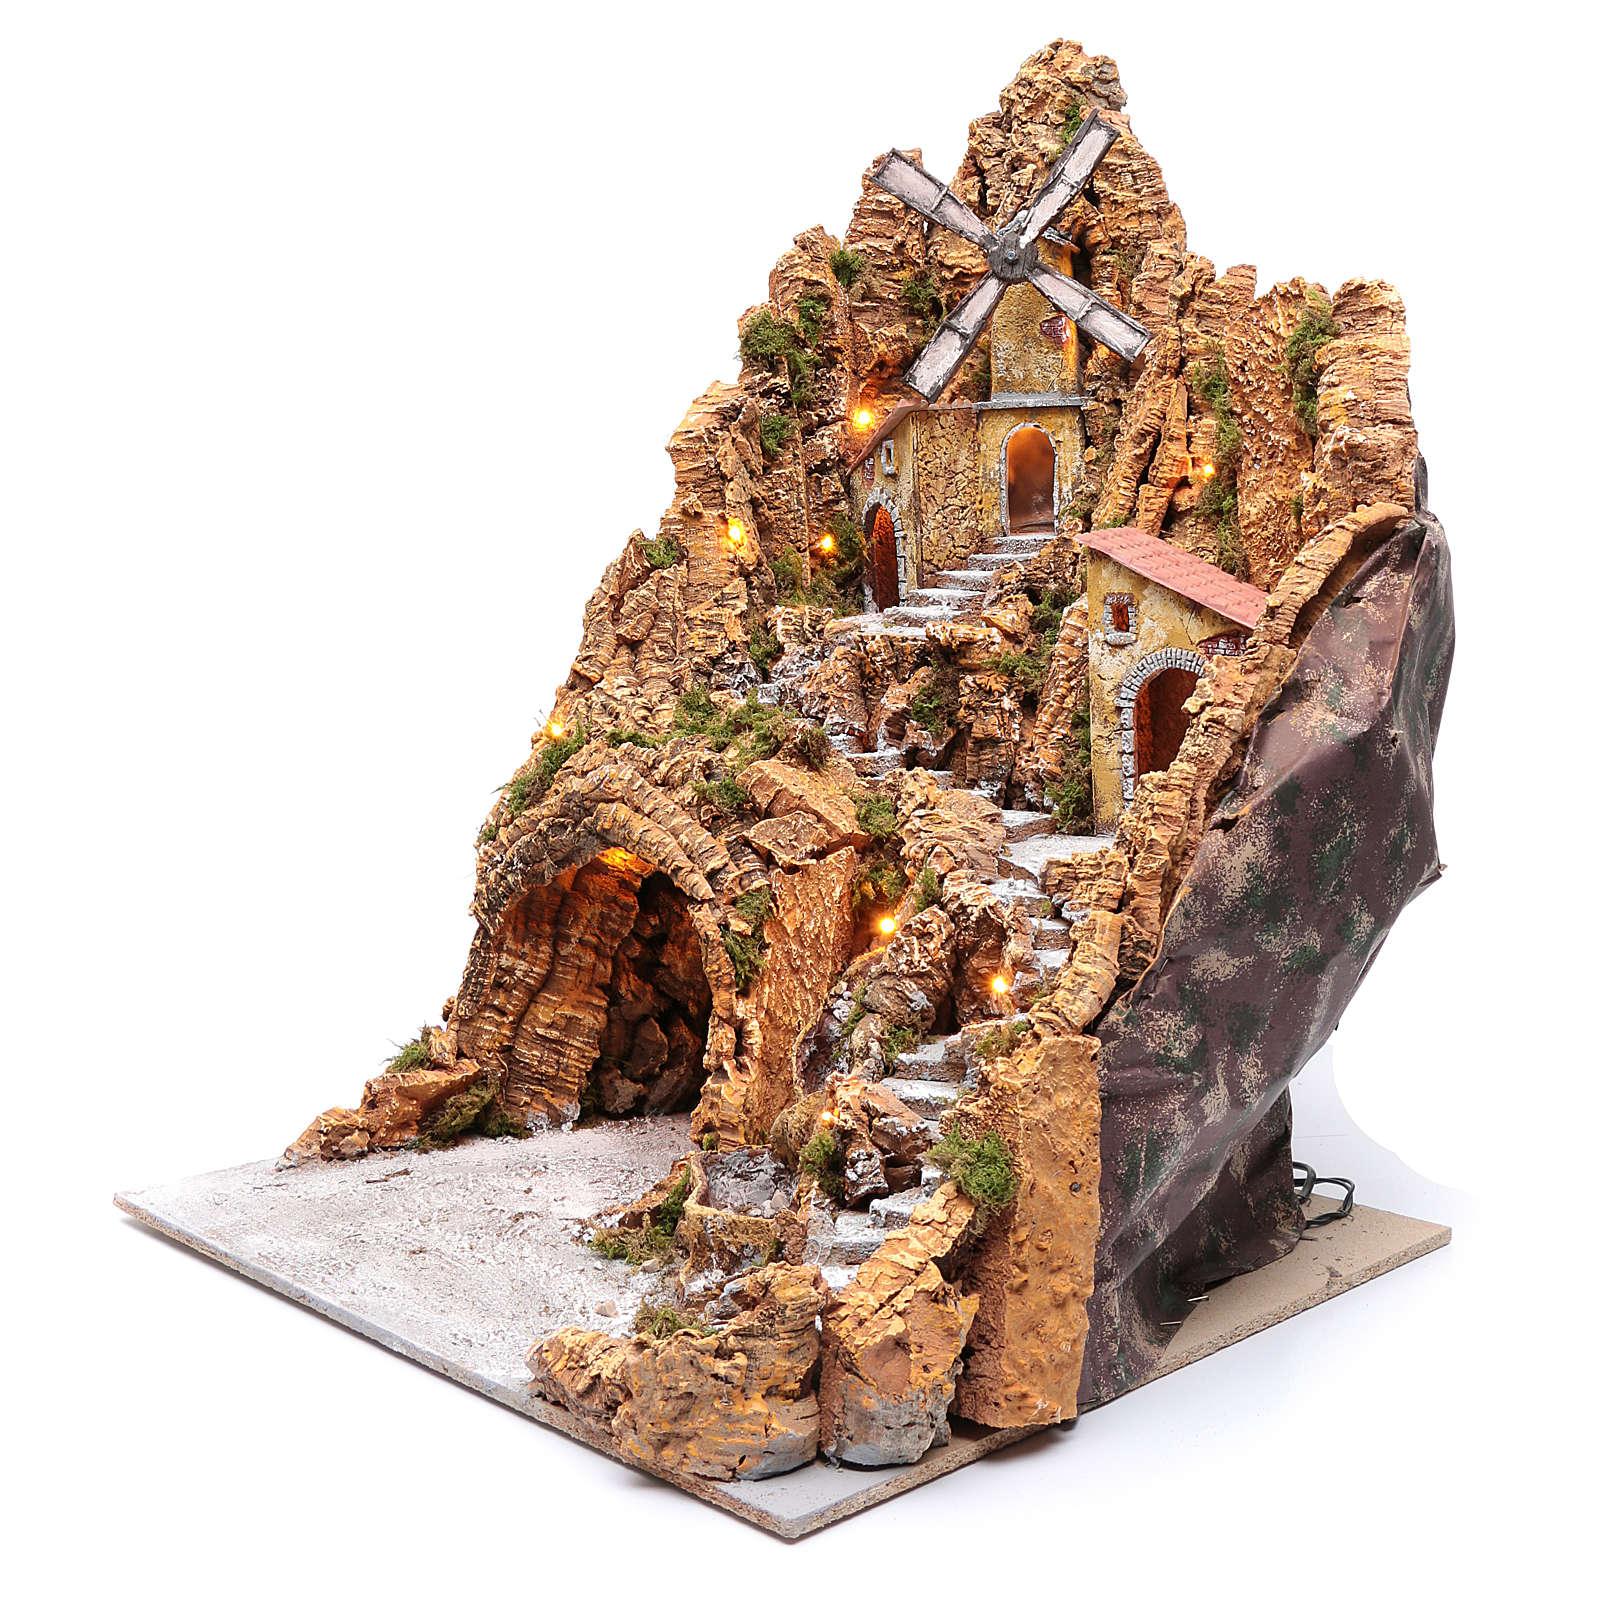 Décor crèche napolitaine moulin et cabane 74x55x66 cm 4